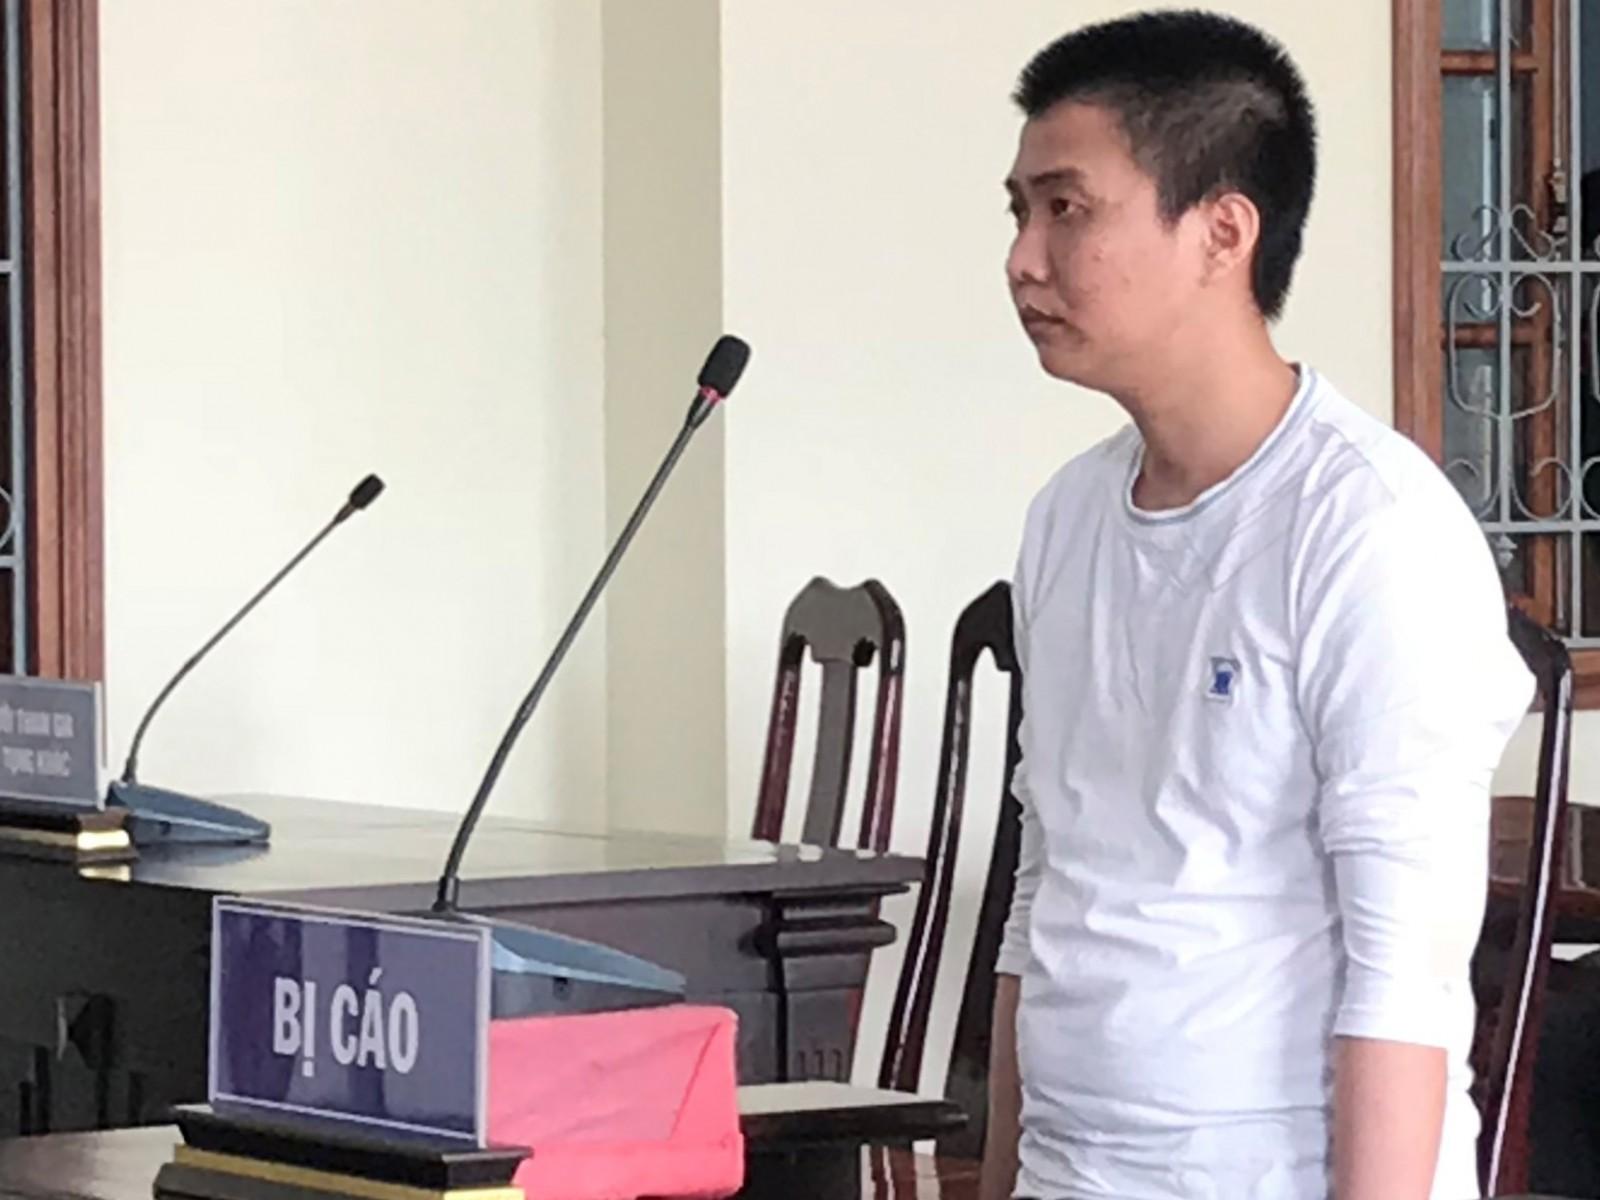 Nhậu say, đâm cô ruột, Nguyễn Hòa Hiếu lãnh án 10 năm tù.